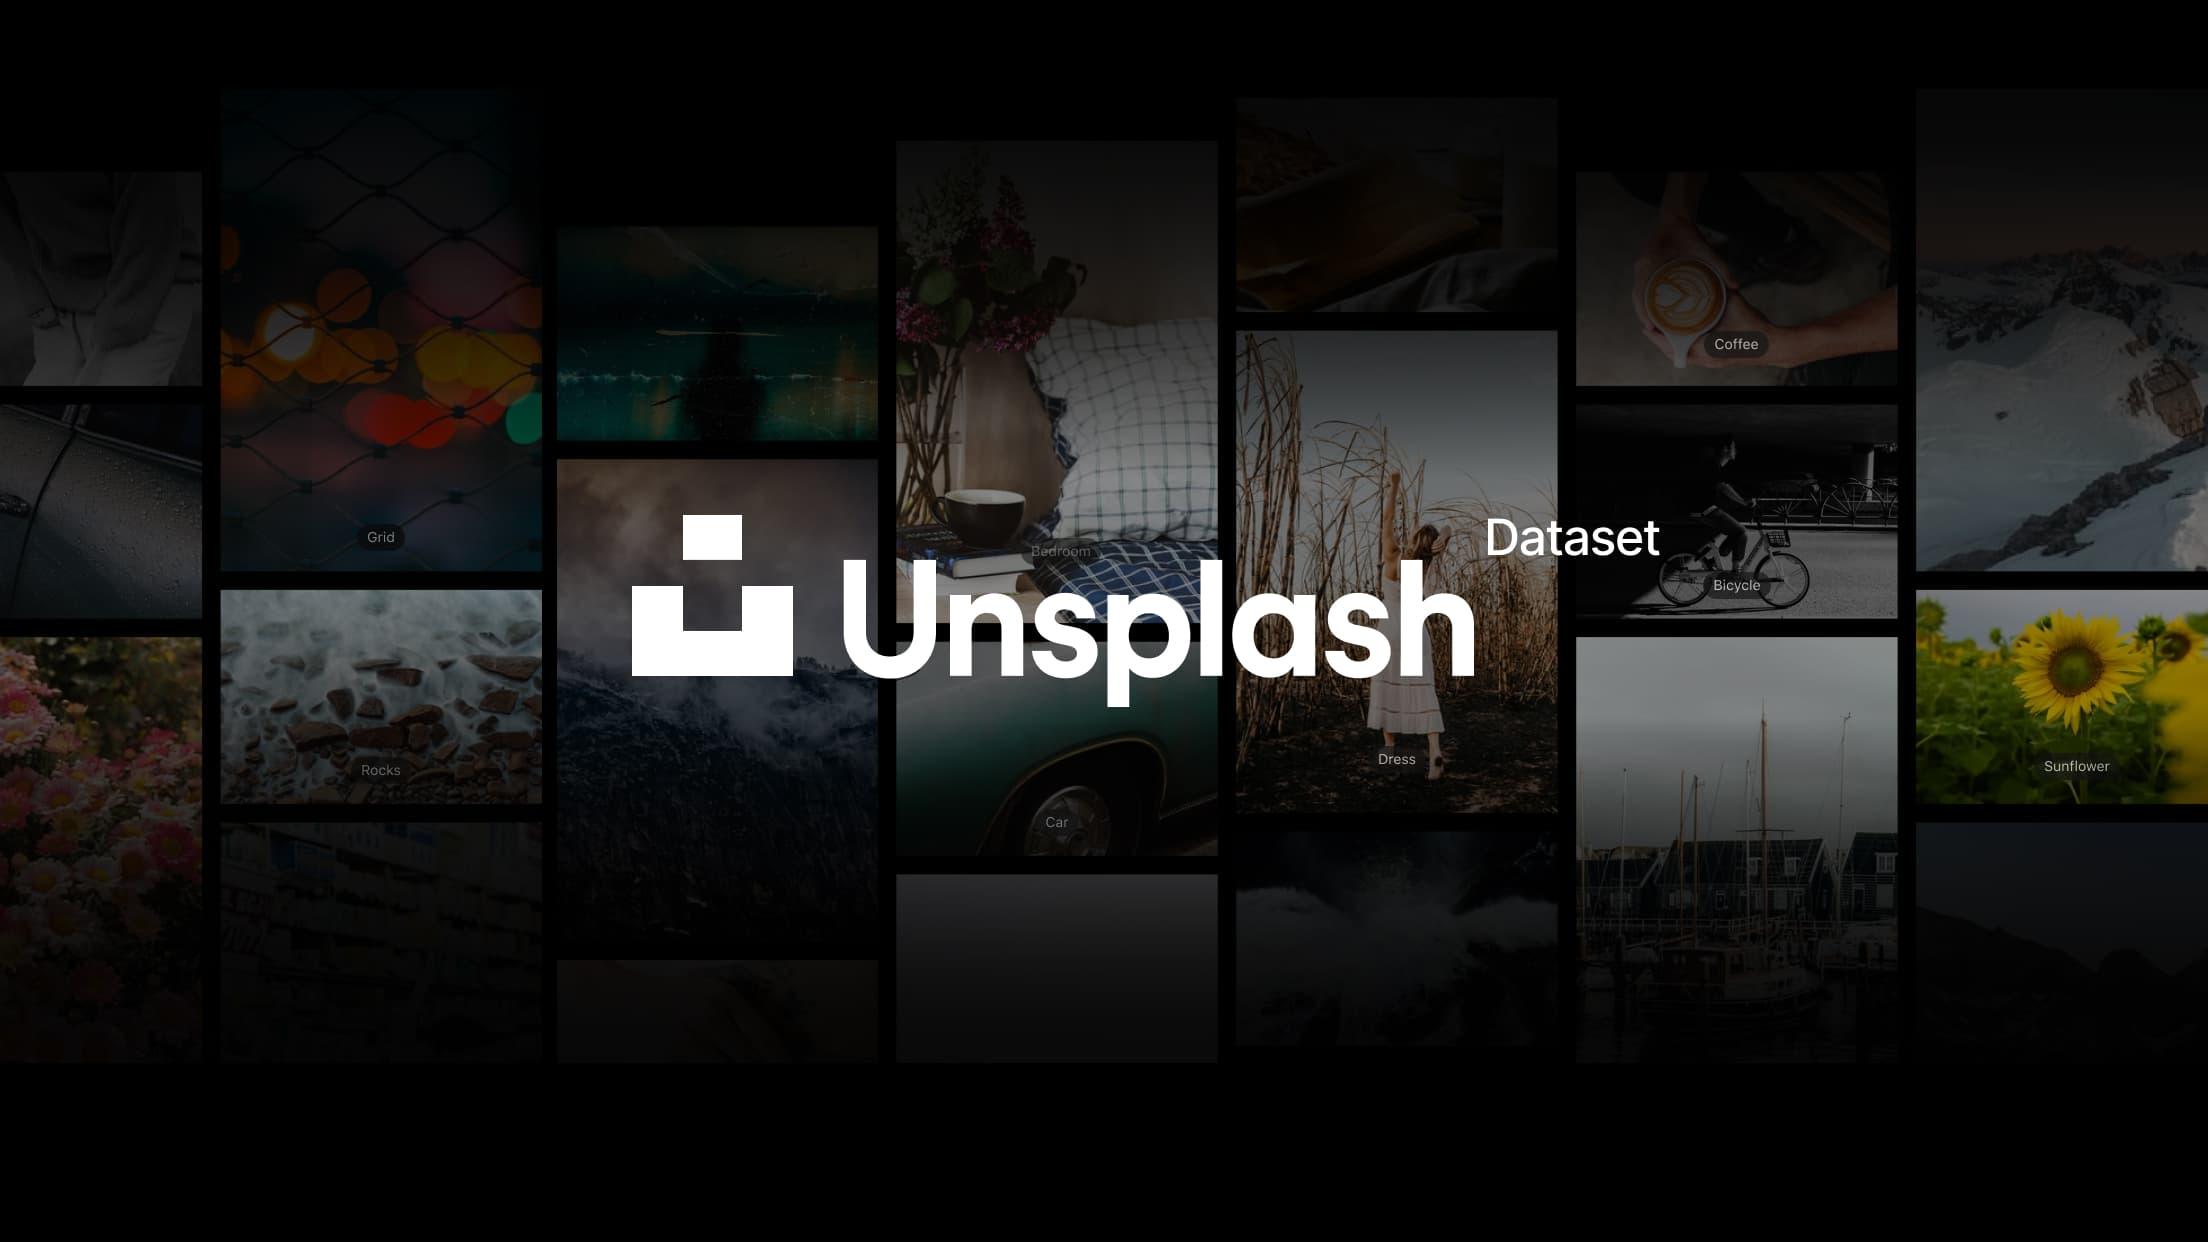 Unsplash's dataset is now open source